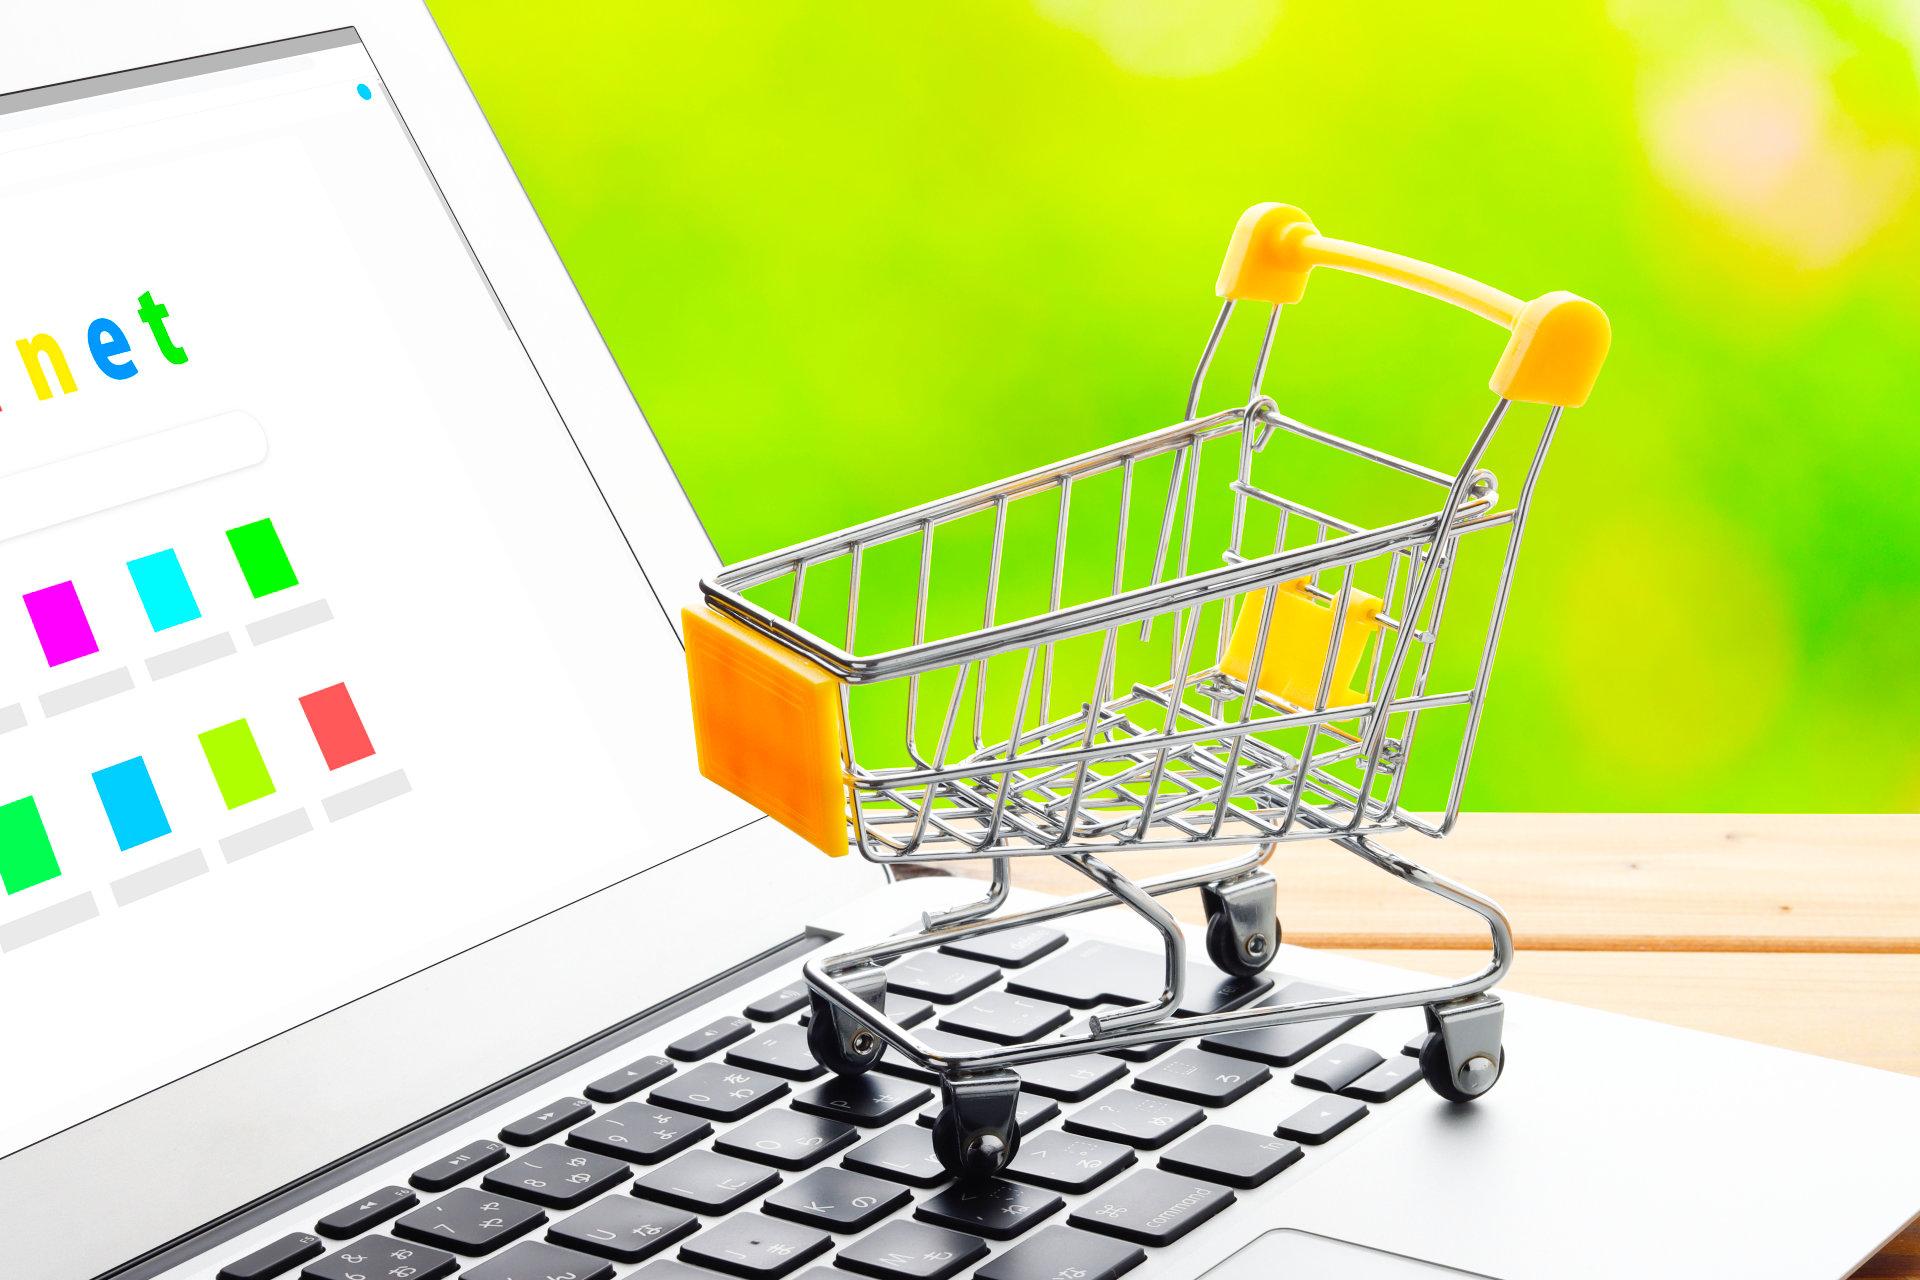 自分で作ったオンラインショップの商品が売れると想像以上に嬉しかった件